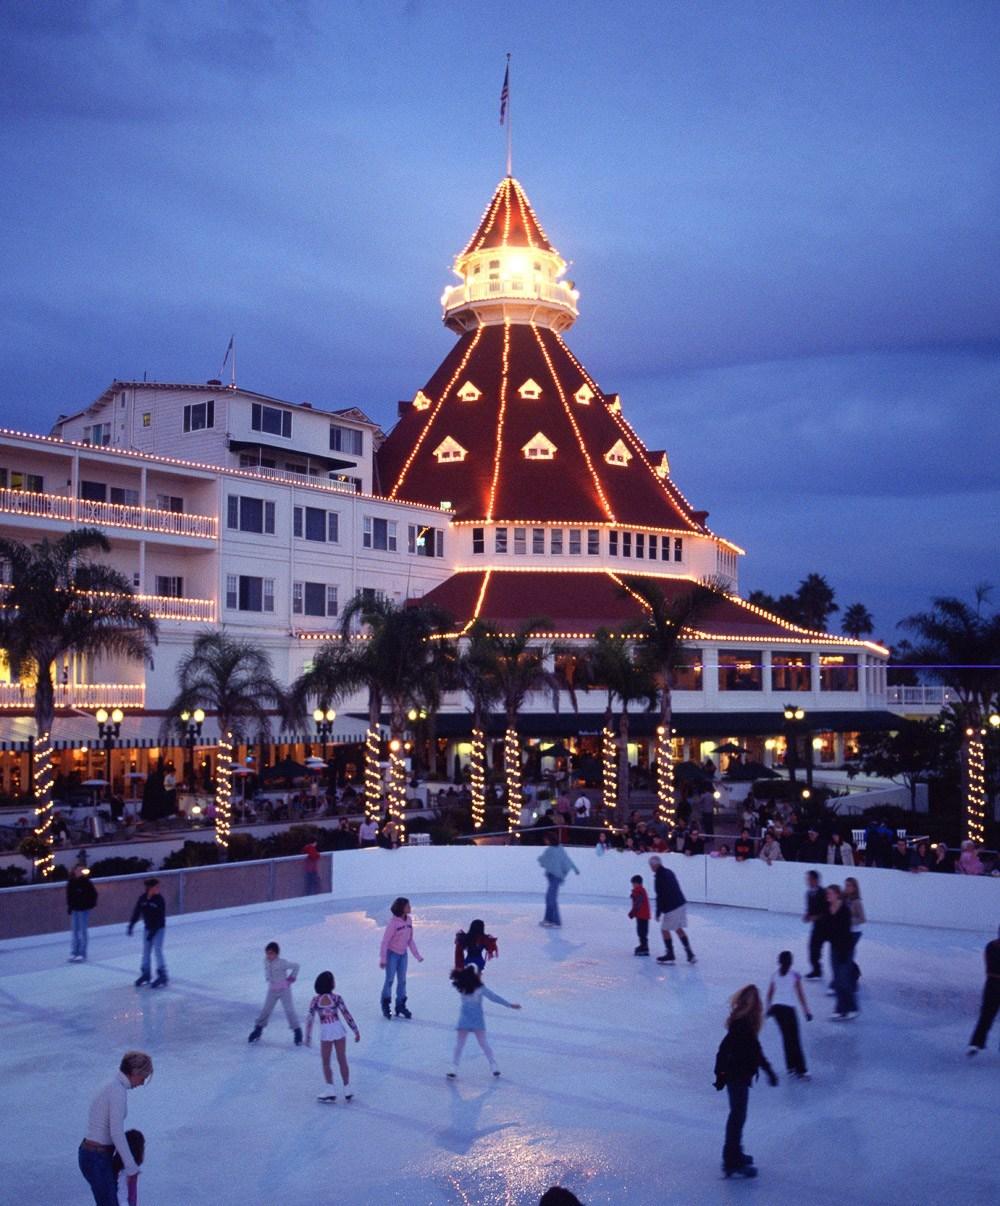 Hotel Del Coronado ice rink